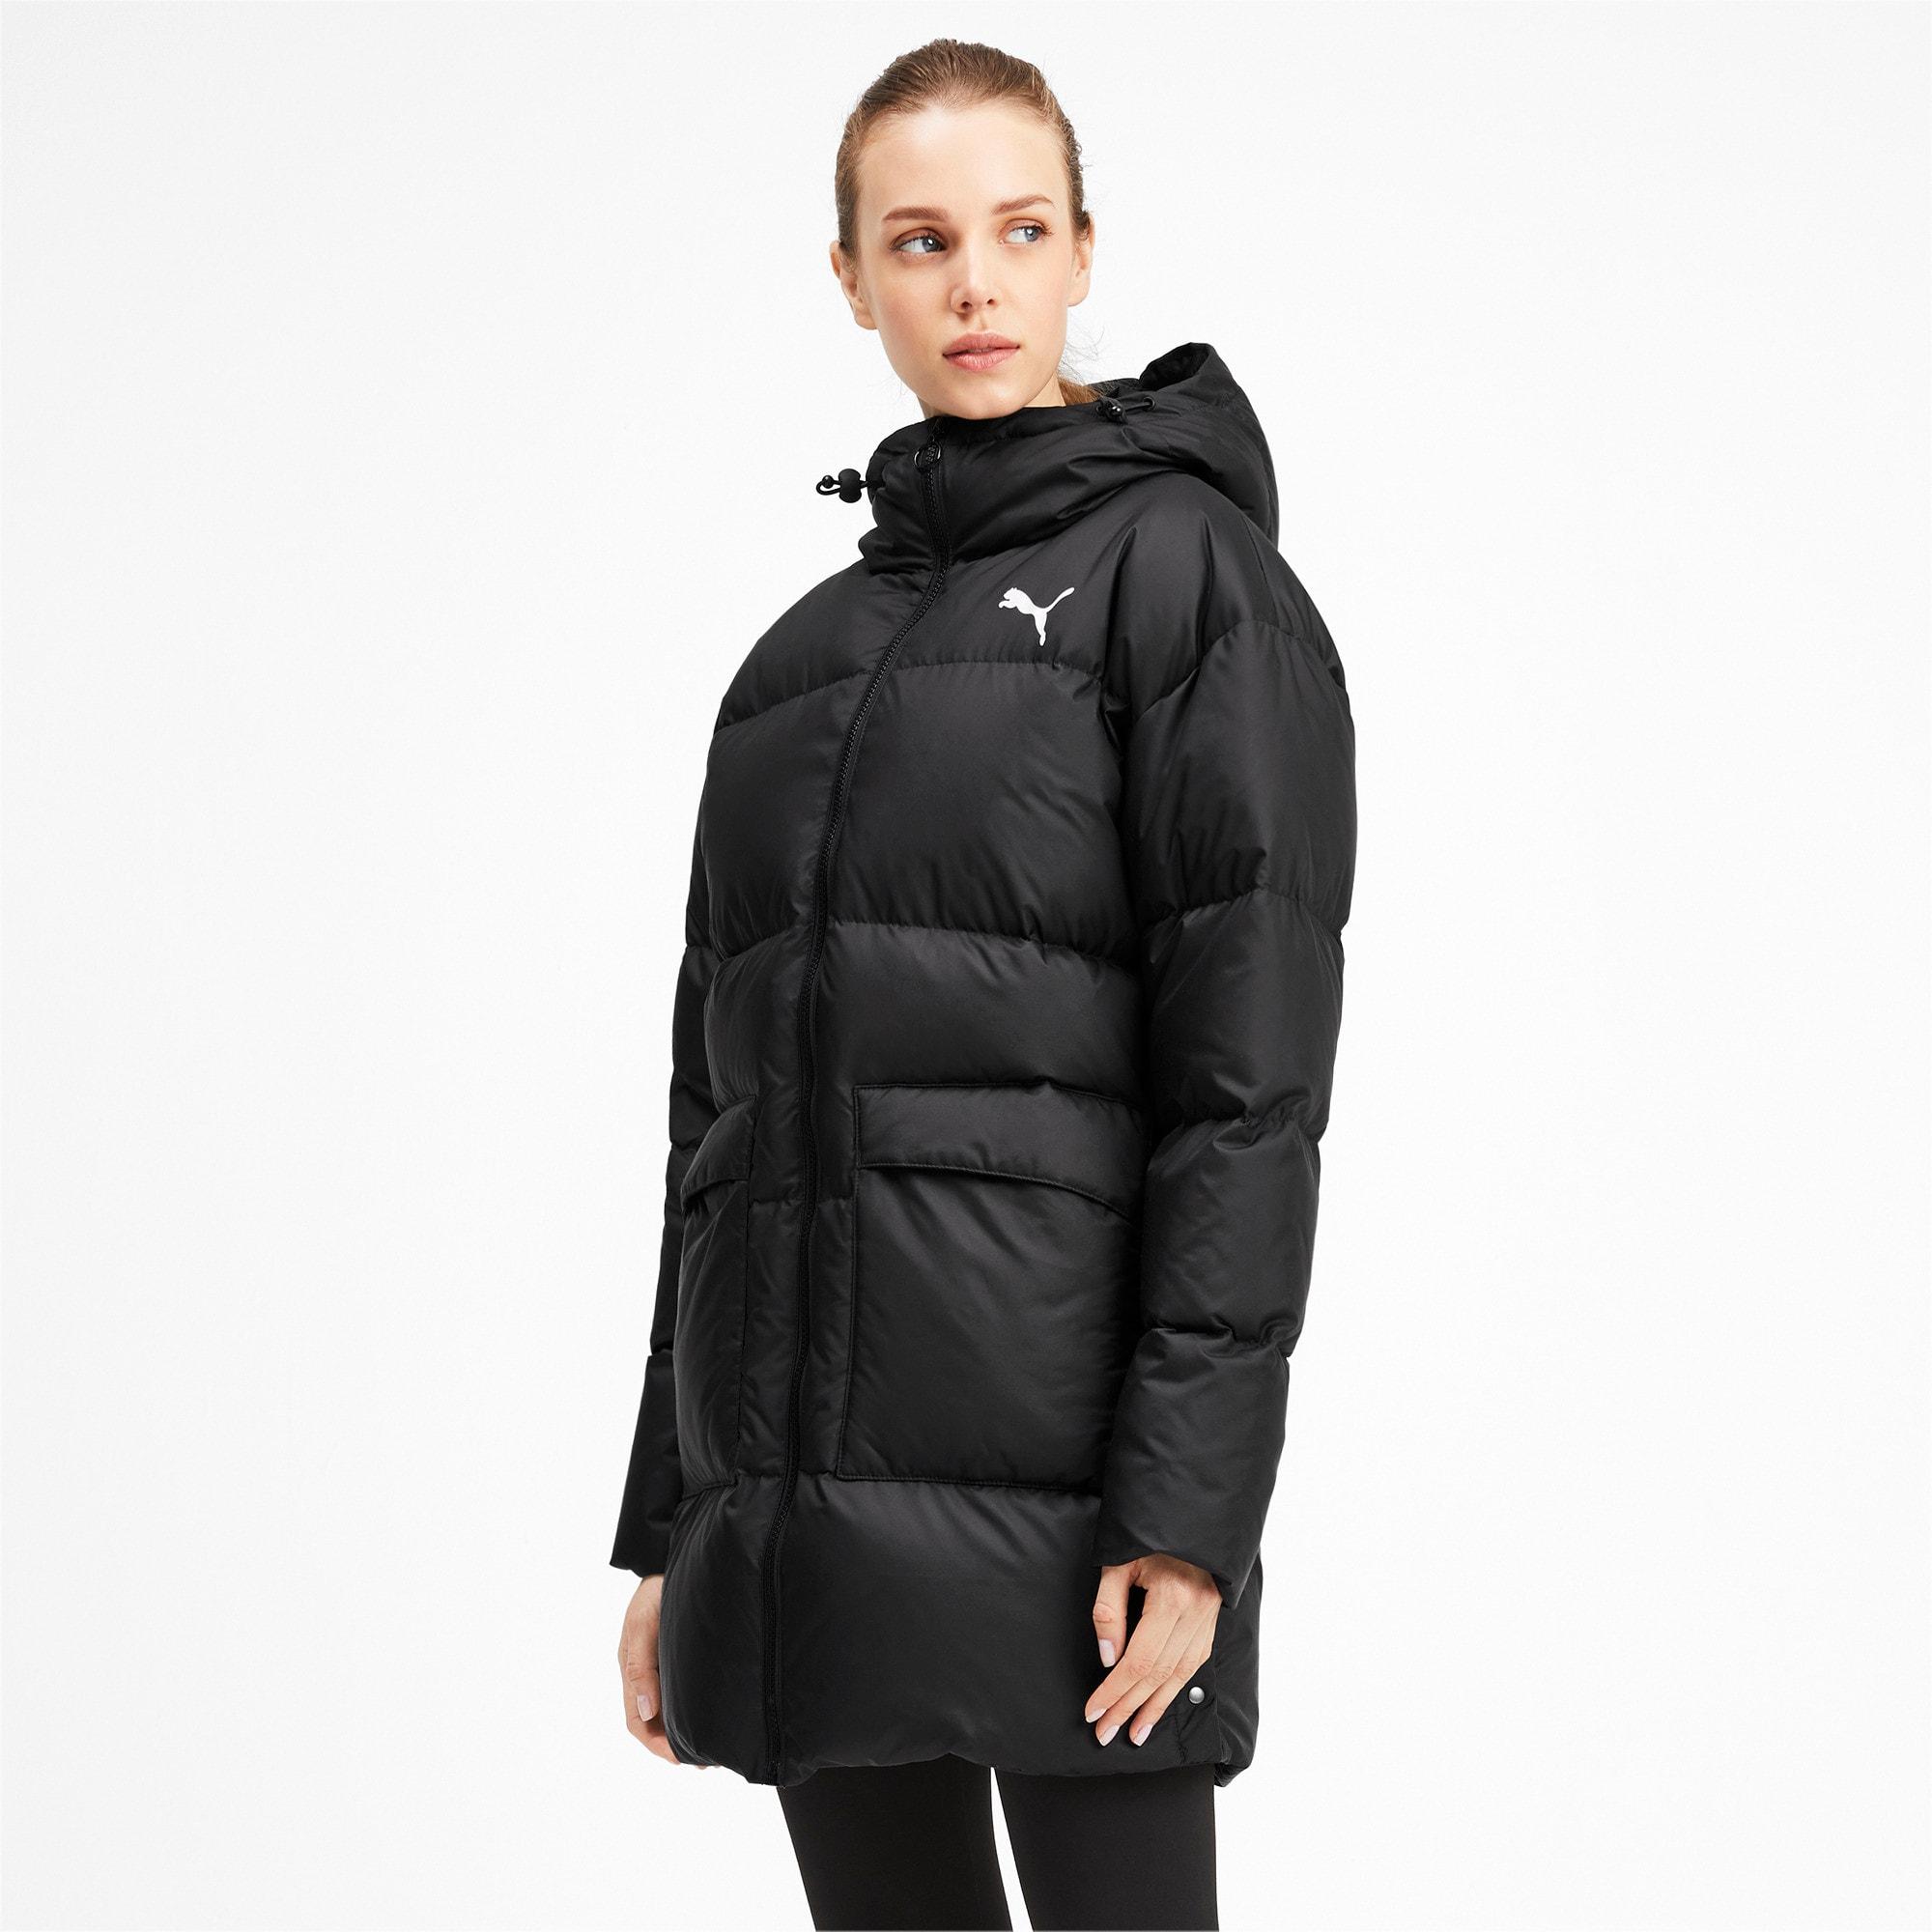 Thumbnail 1 of 450 Long Hooded Down Women's Coat, Puma Black, medium